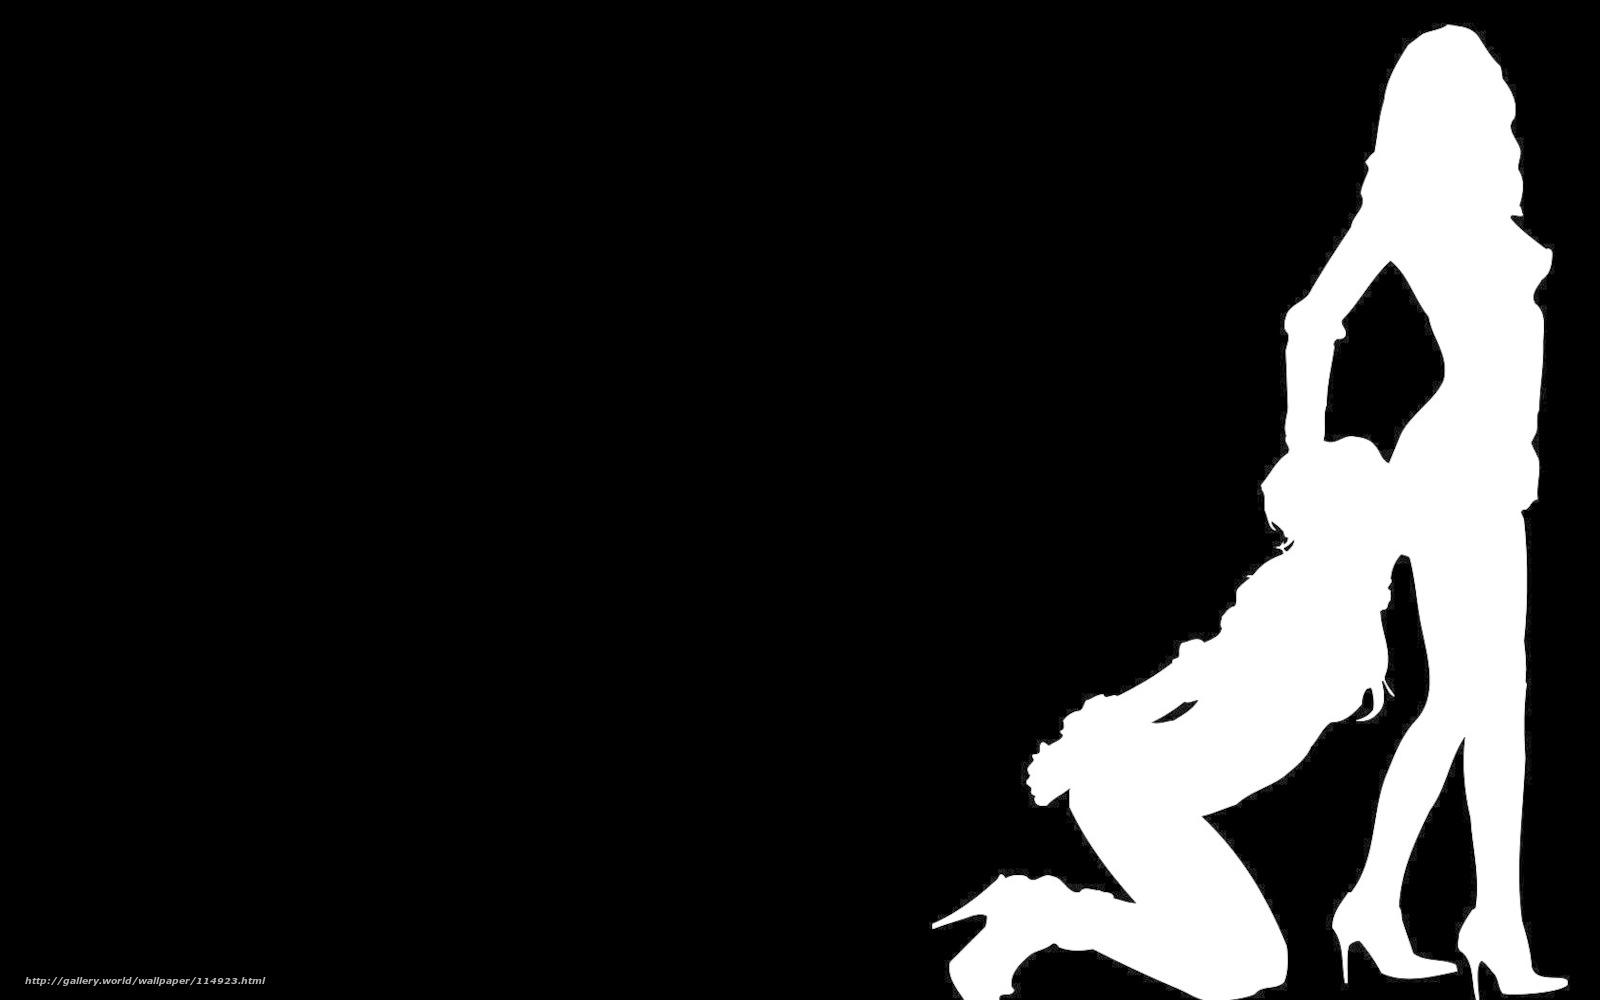 Черно белый силуэт голой девушки 10 фотография